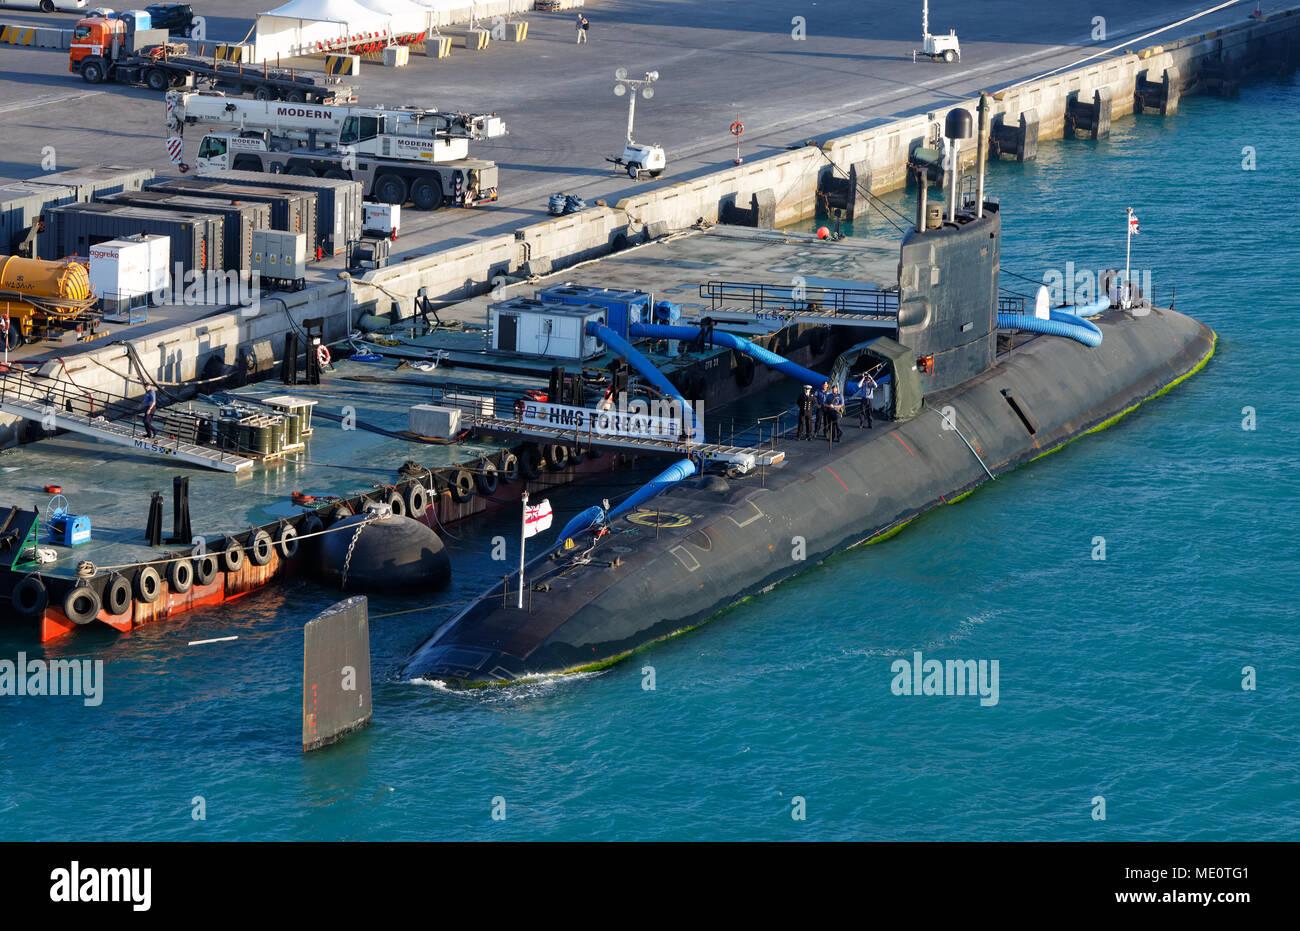 British Military, Submarine, U-Boot, - Stock Image